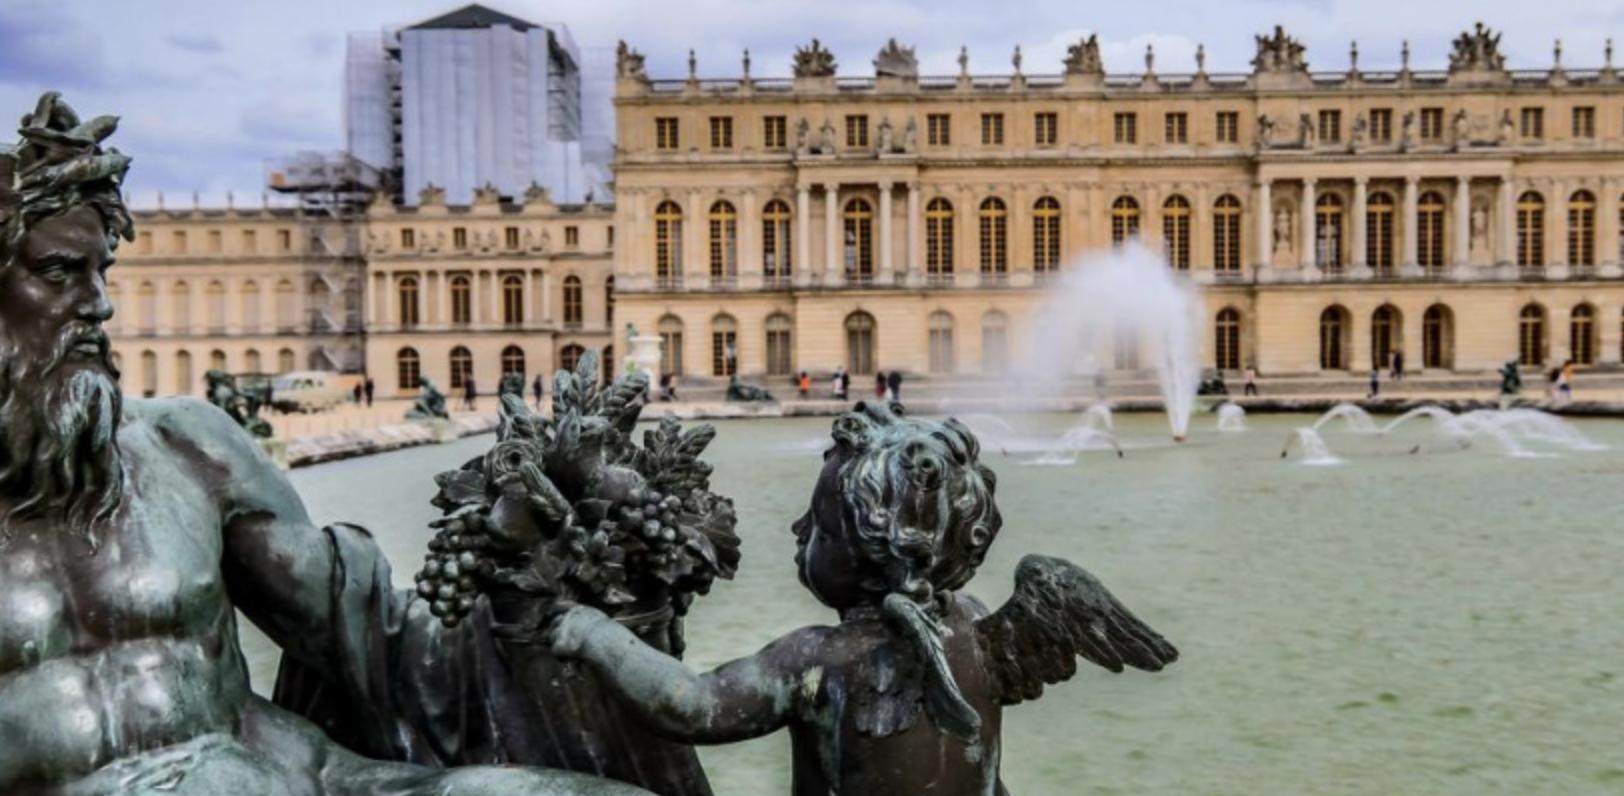 (Français) LE CHÂTEAU DE VERSAILLES À LA MAISON : VISITES, EXPOSITIONS VIRTUELLES ET DOCUMENTAIRES